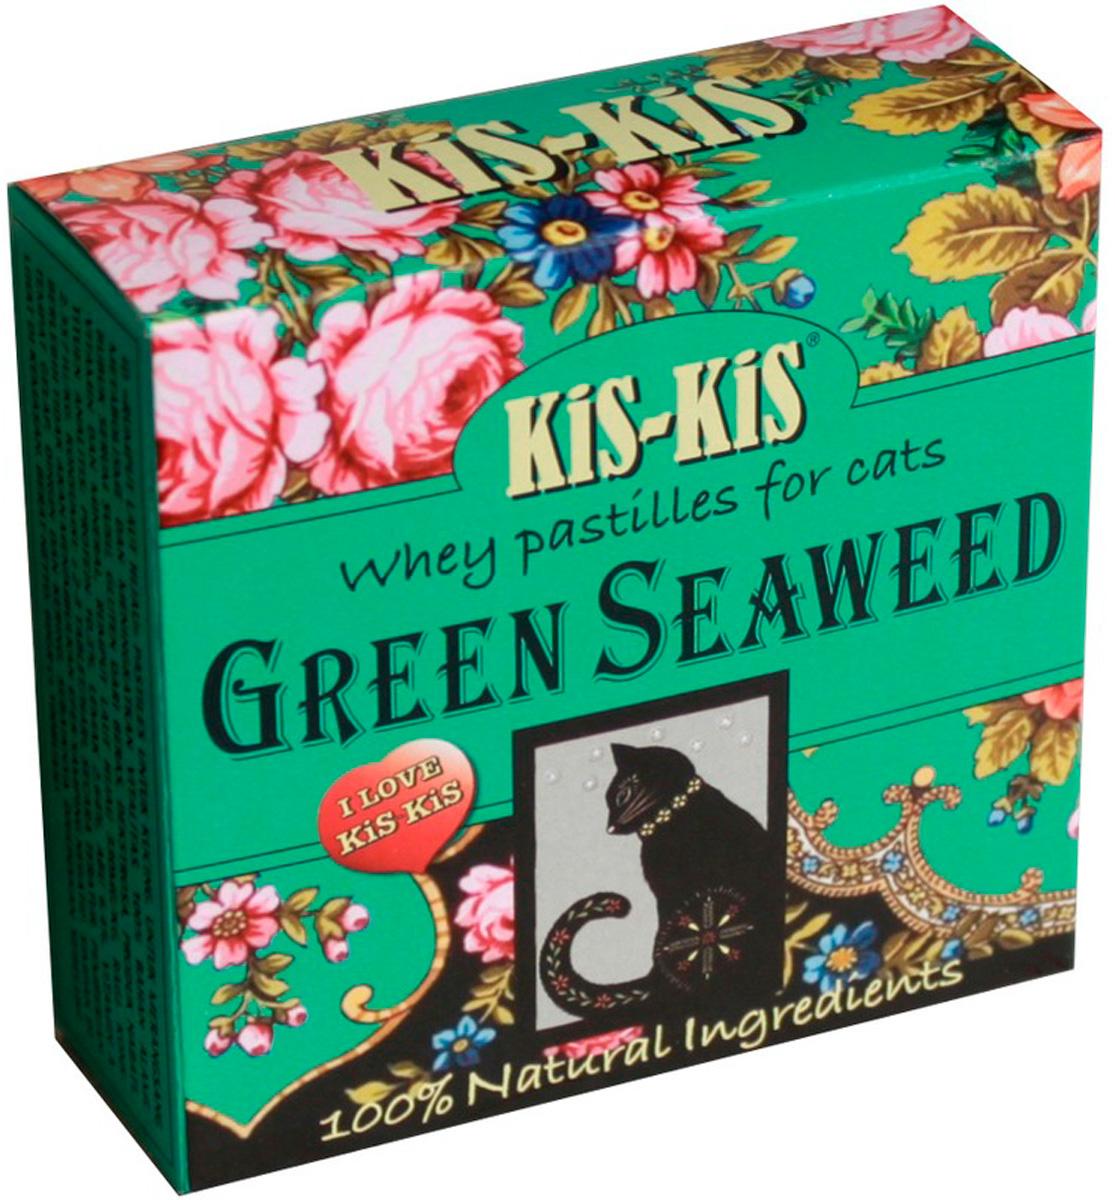 Лакомство Kis-kis Pastils Green Seaweed витаминизированное для кошек с морскими водорослями 60 гр (1 шт)